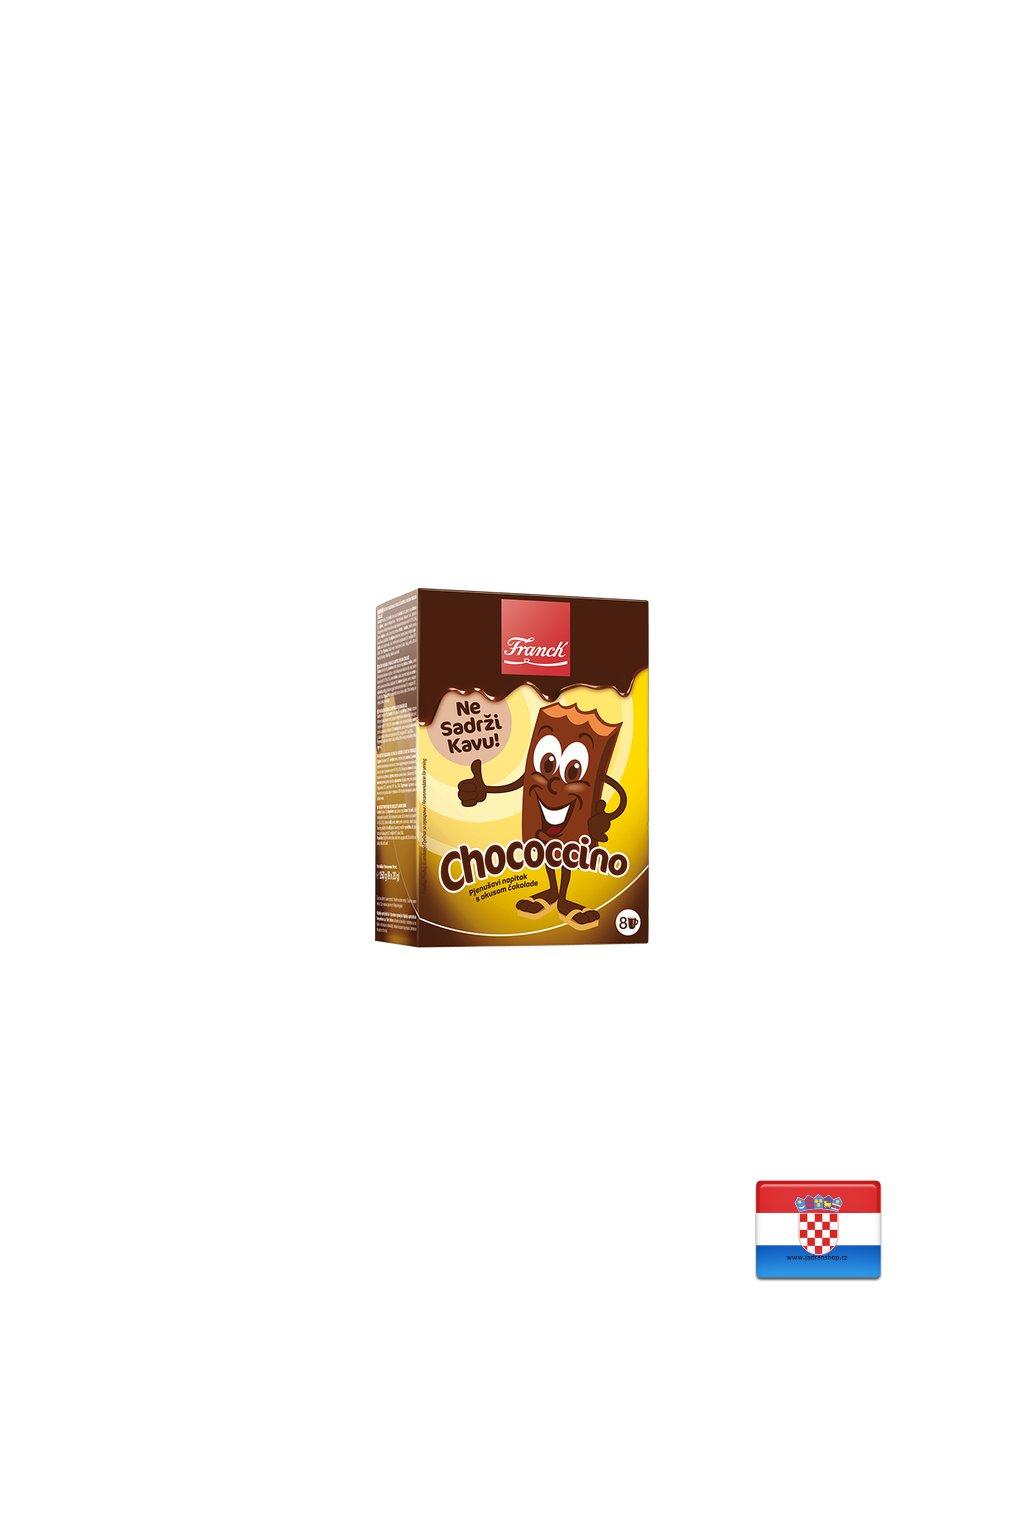 Chococcino - kremowe kakao 8x20g (160g)